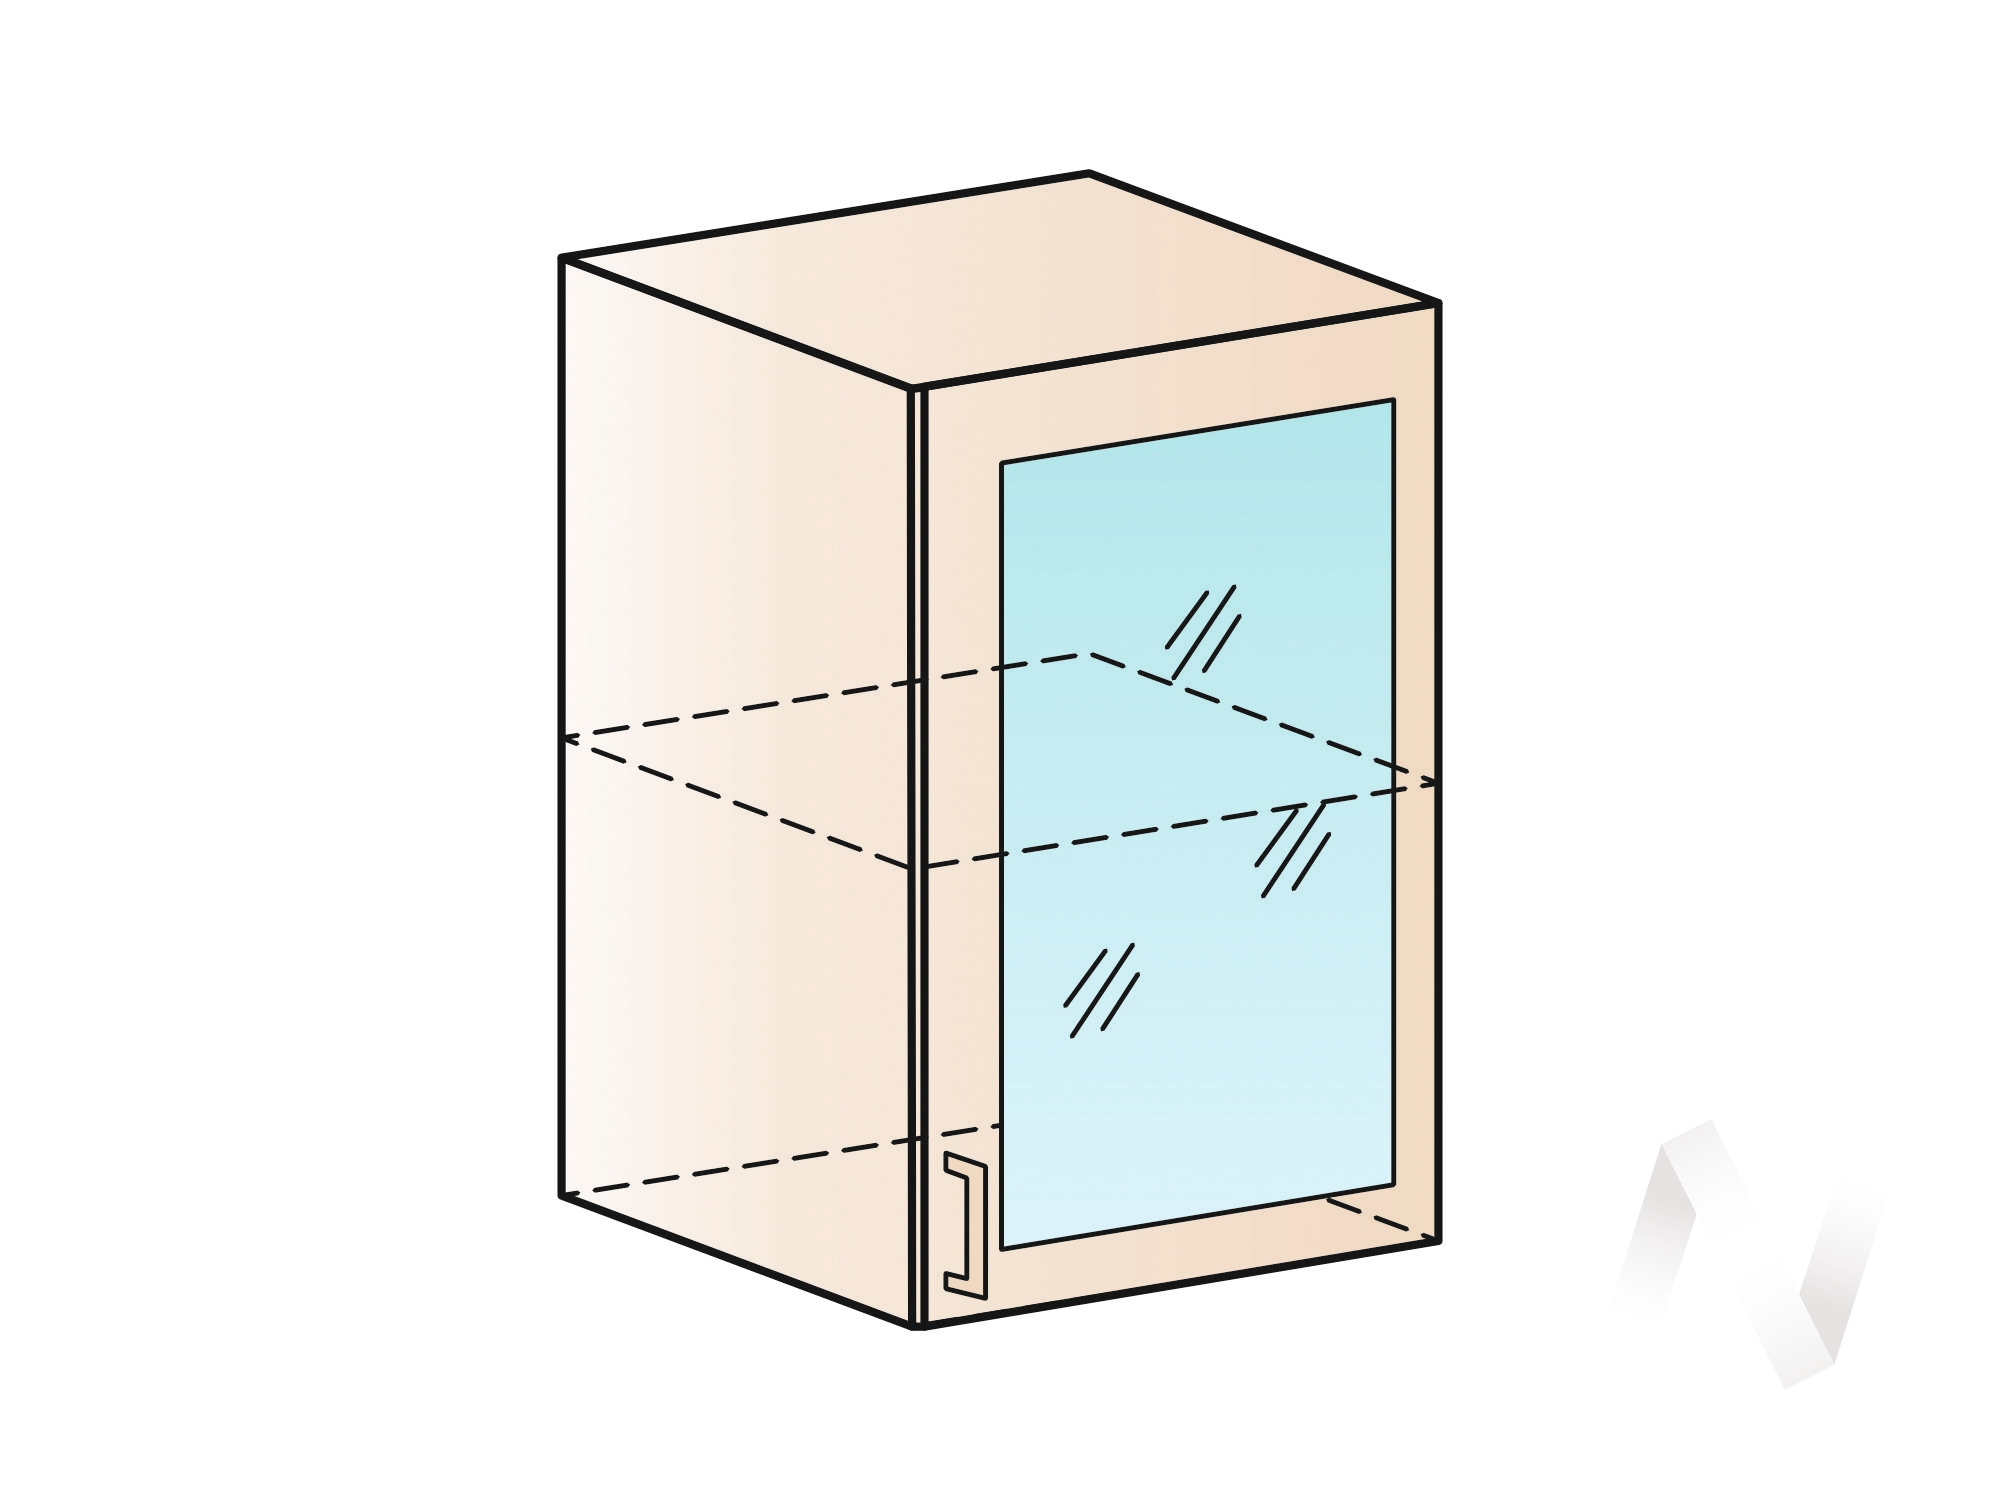 """Кухня """"Люкс"""": Шкаф верхний со стеклом 500, ШВС 500 (Шелк венге/корпус венге) в Томске — авторская мебель Экостиль"""